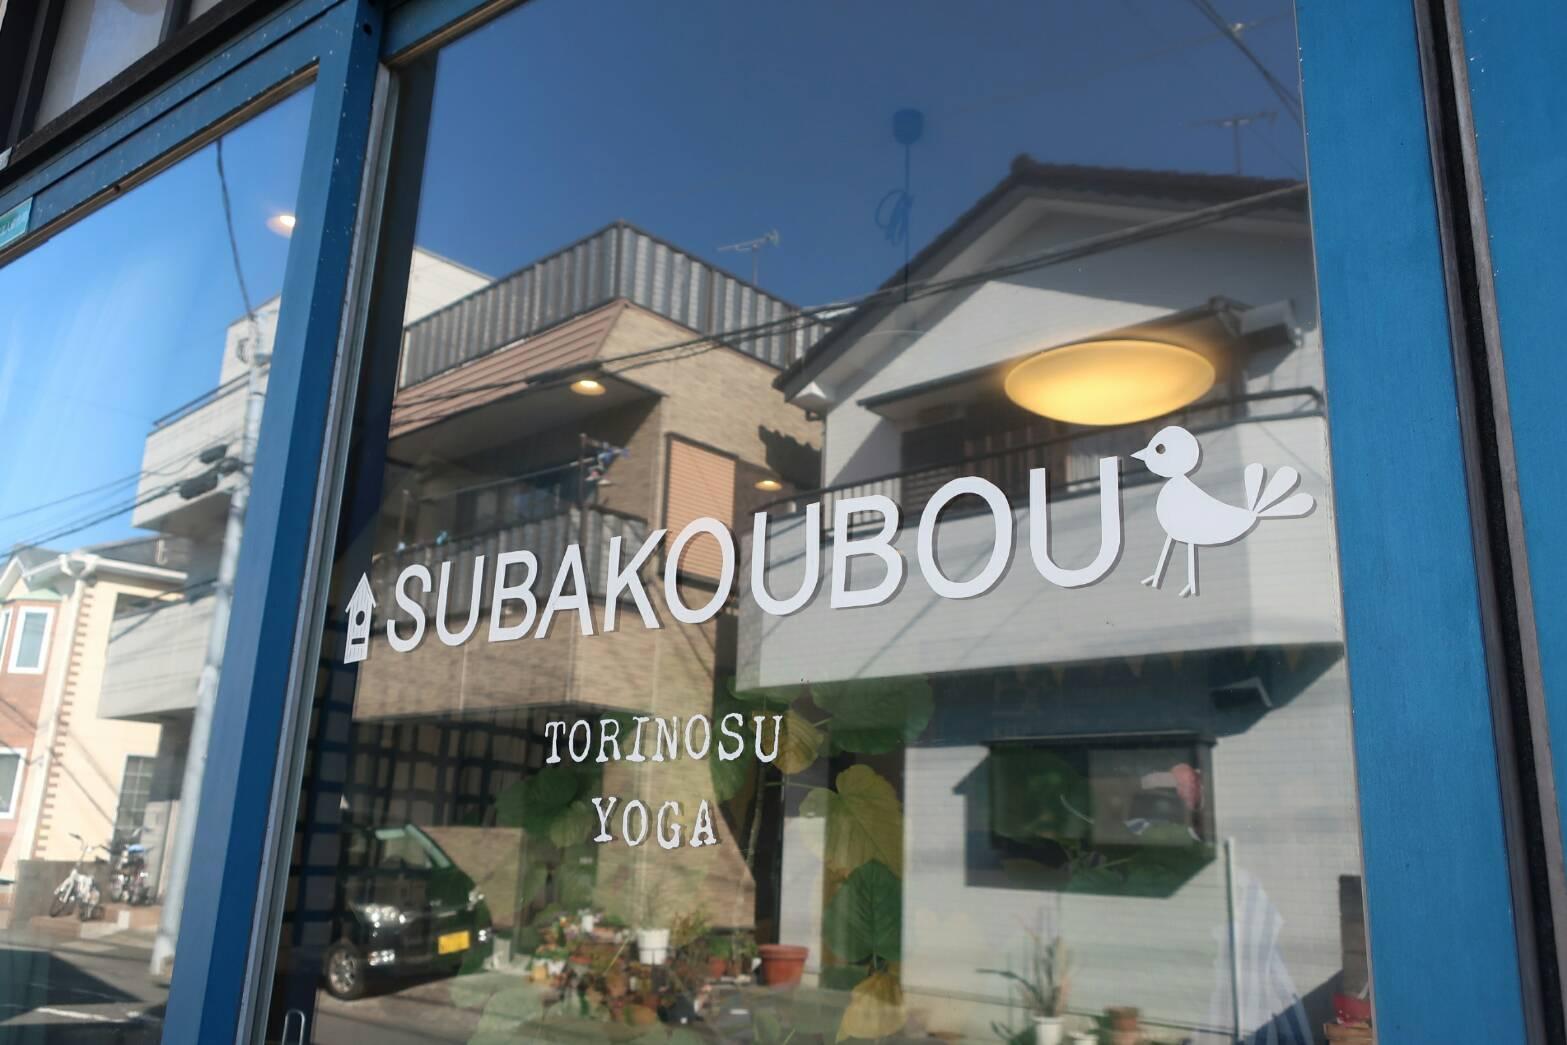 SUBAKOUBOU